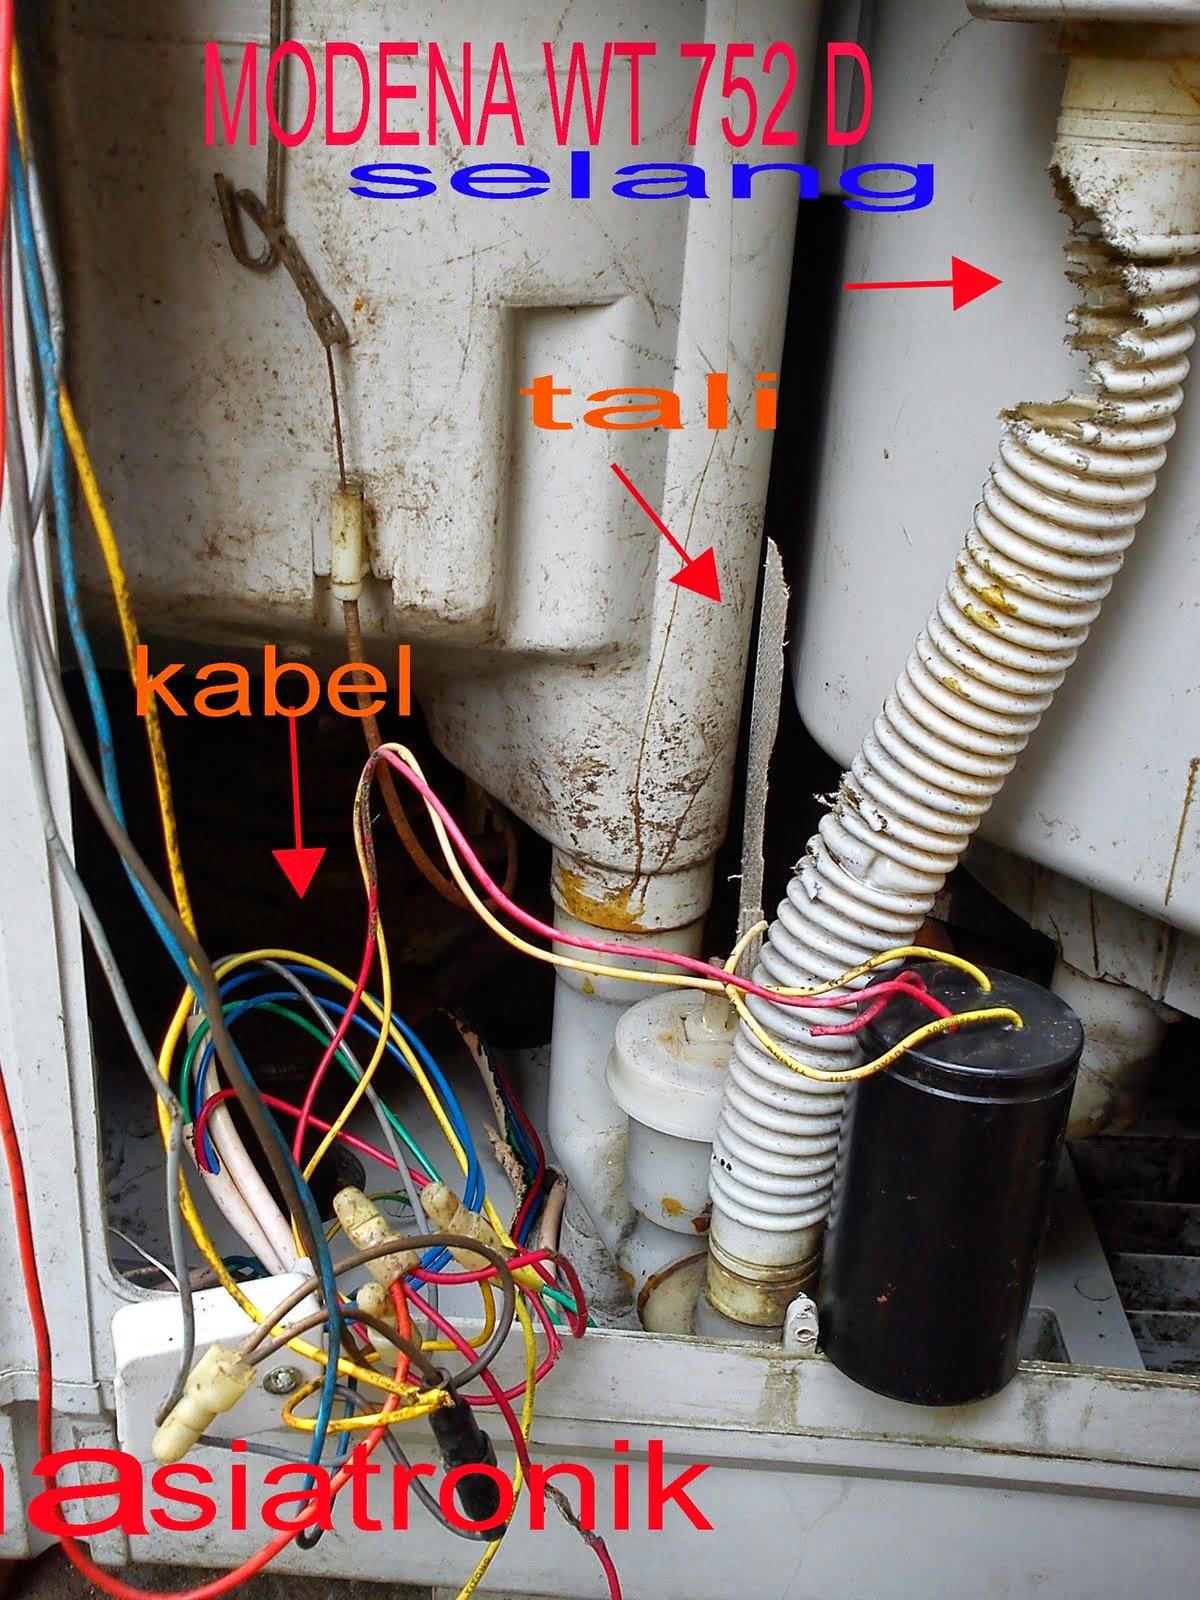 Tehknik Elektronika Mengatasi Kerusakan Pada Mesin Cuci